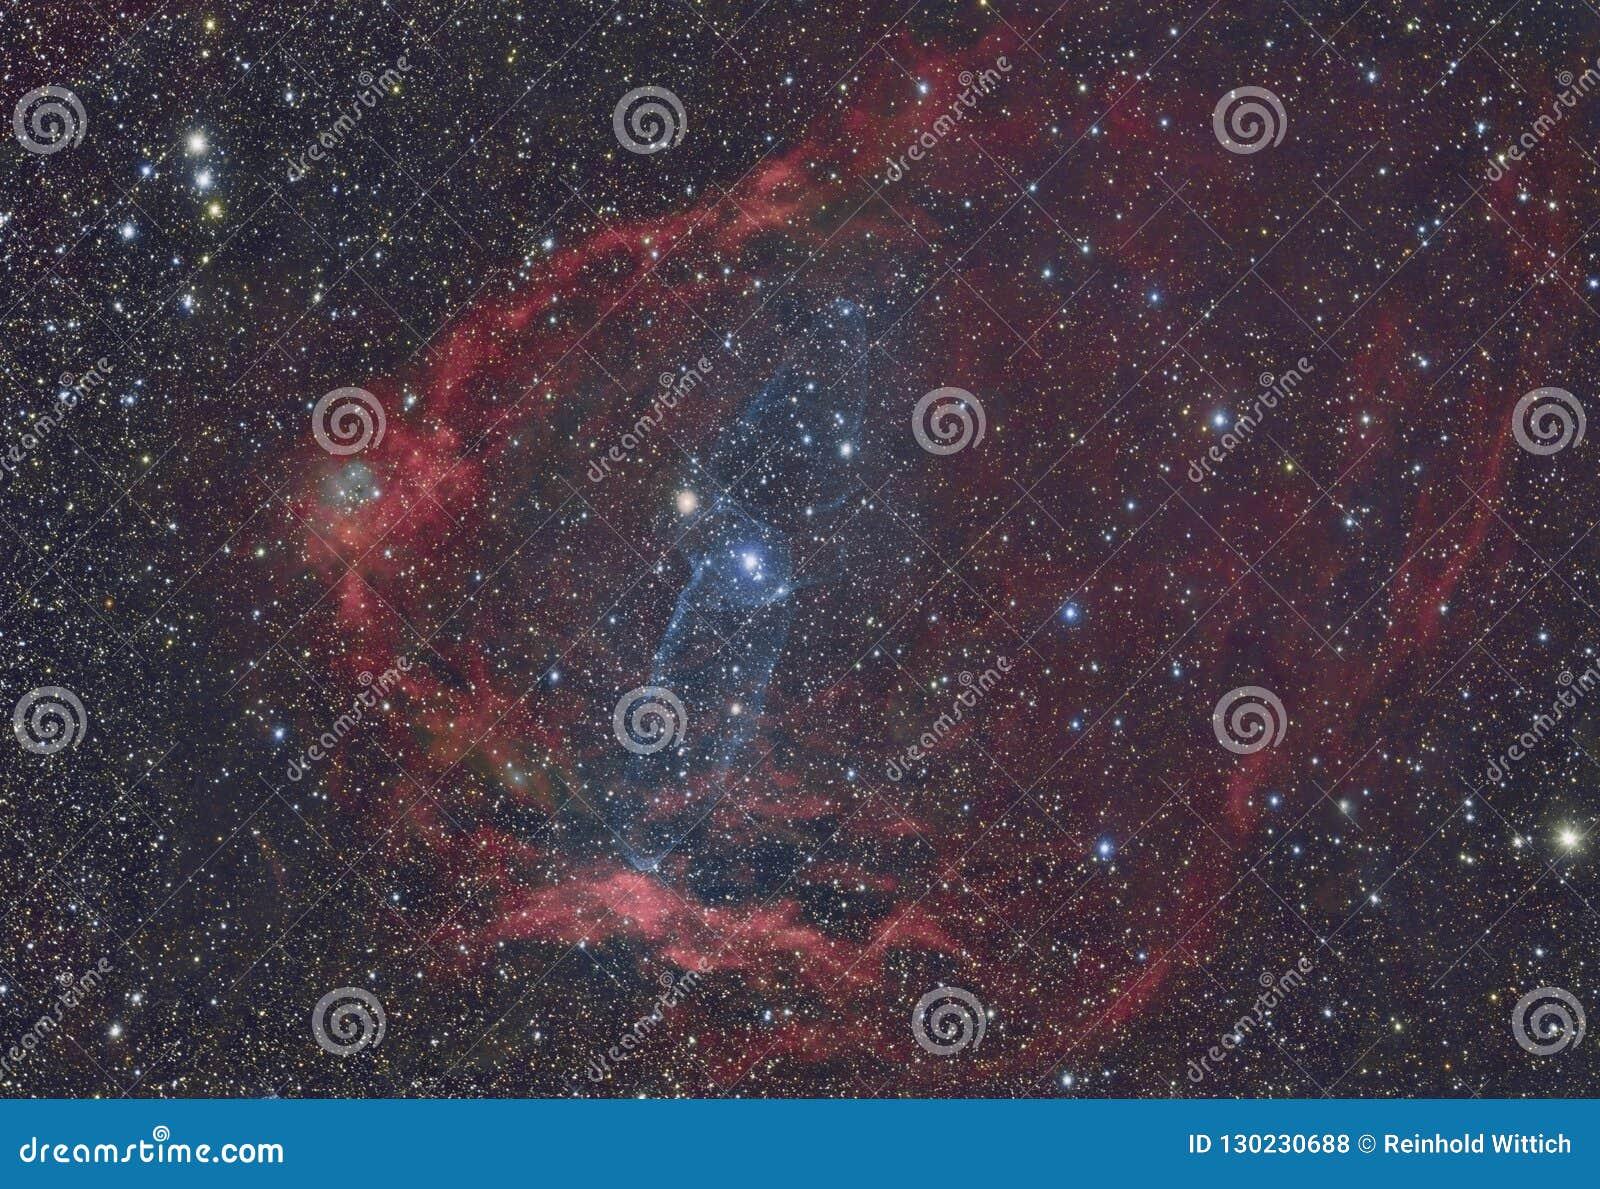 SH2-129 Flying Bat Nebula and OU4 Squid Nebula